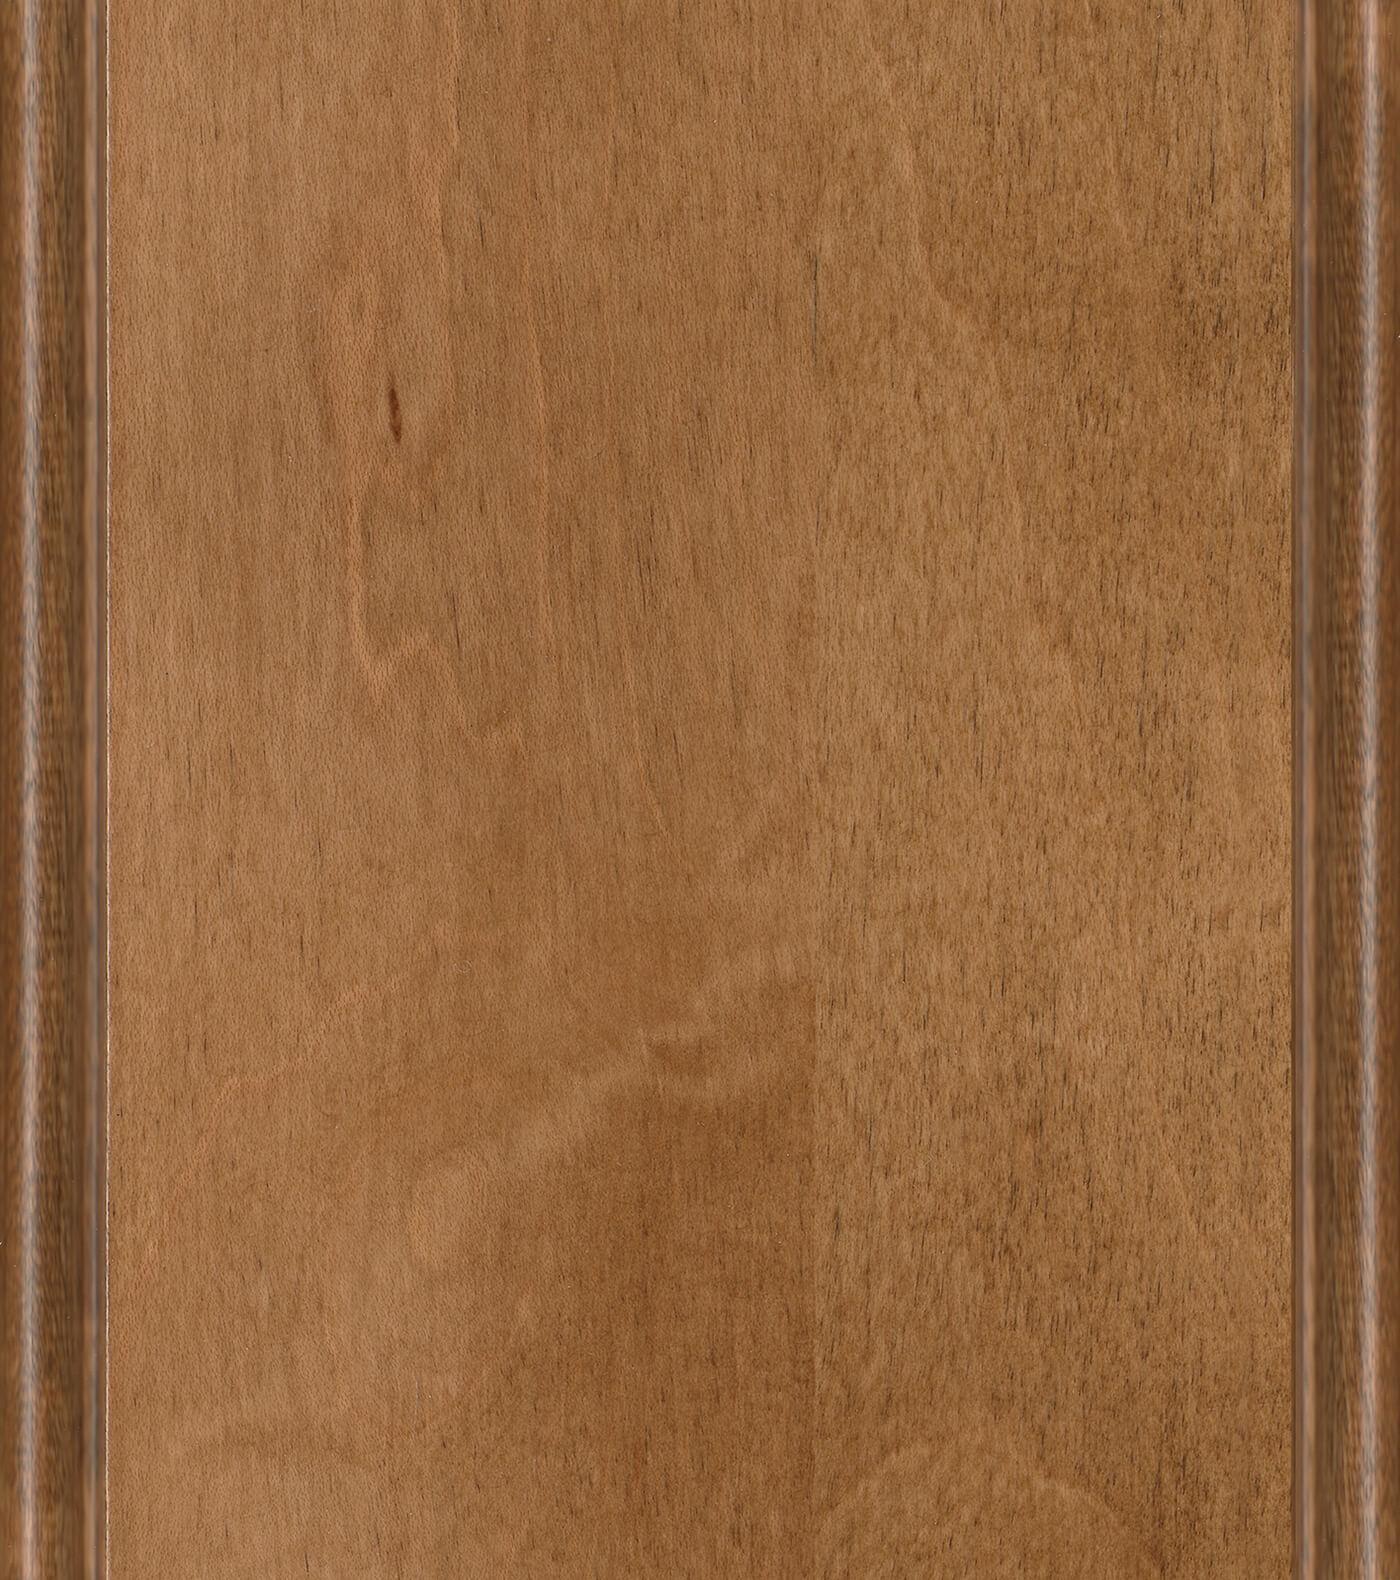 Toast Stain on Maple